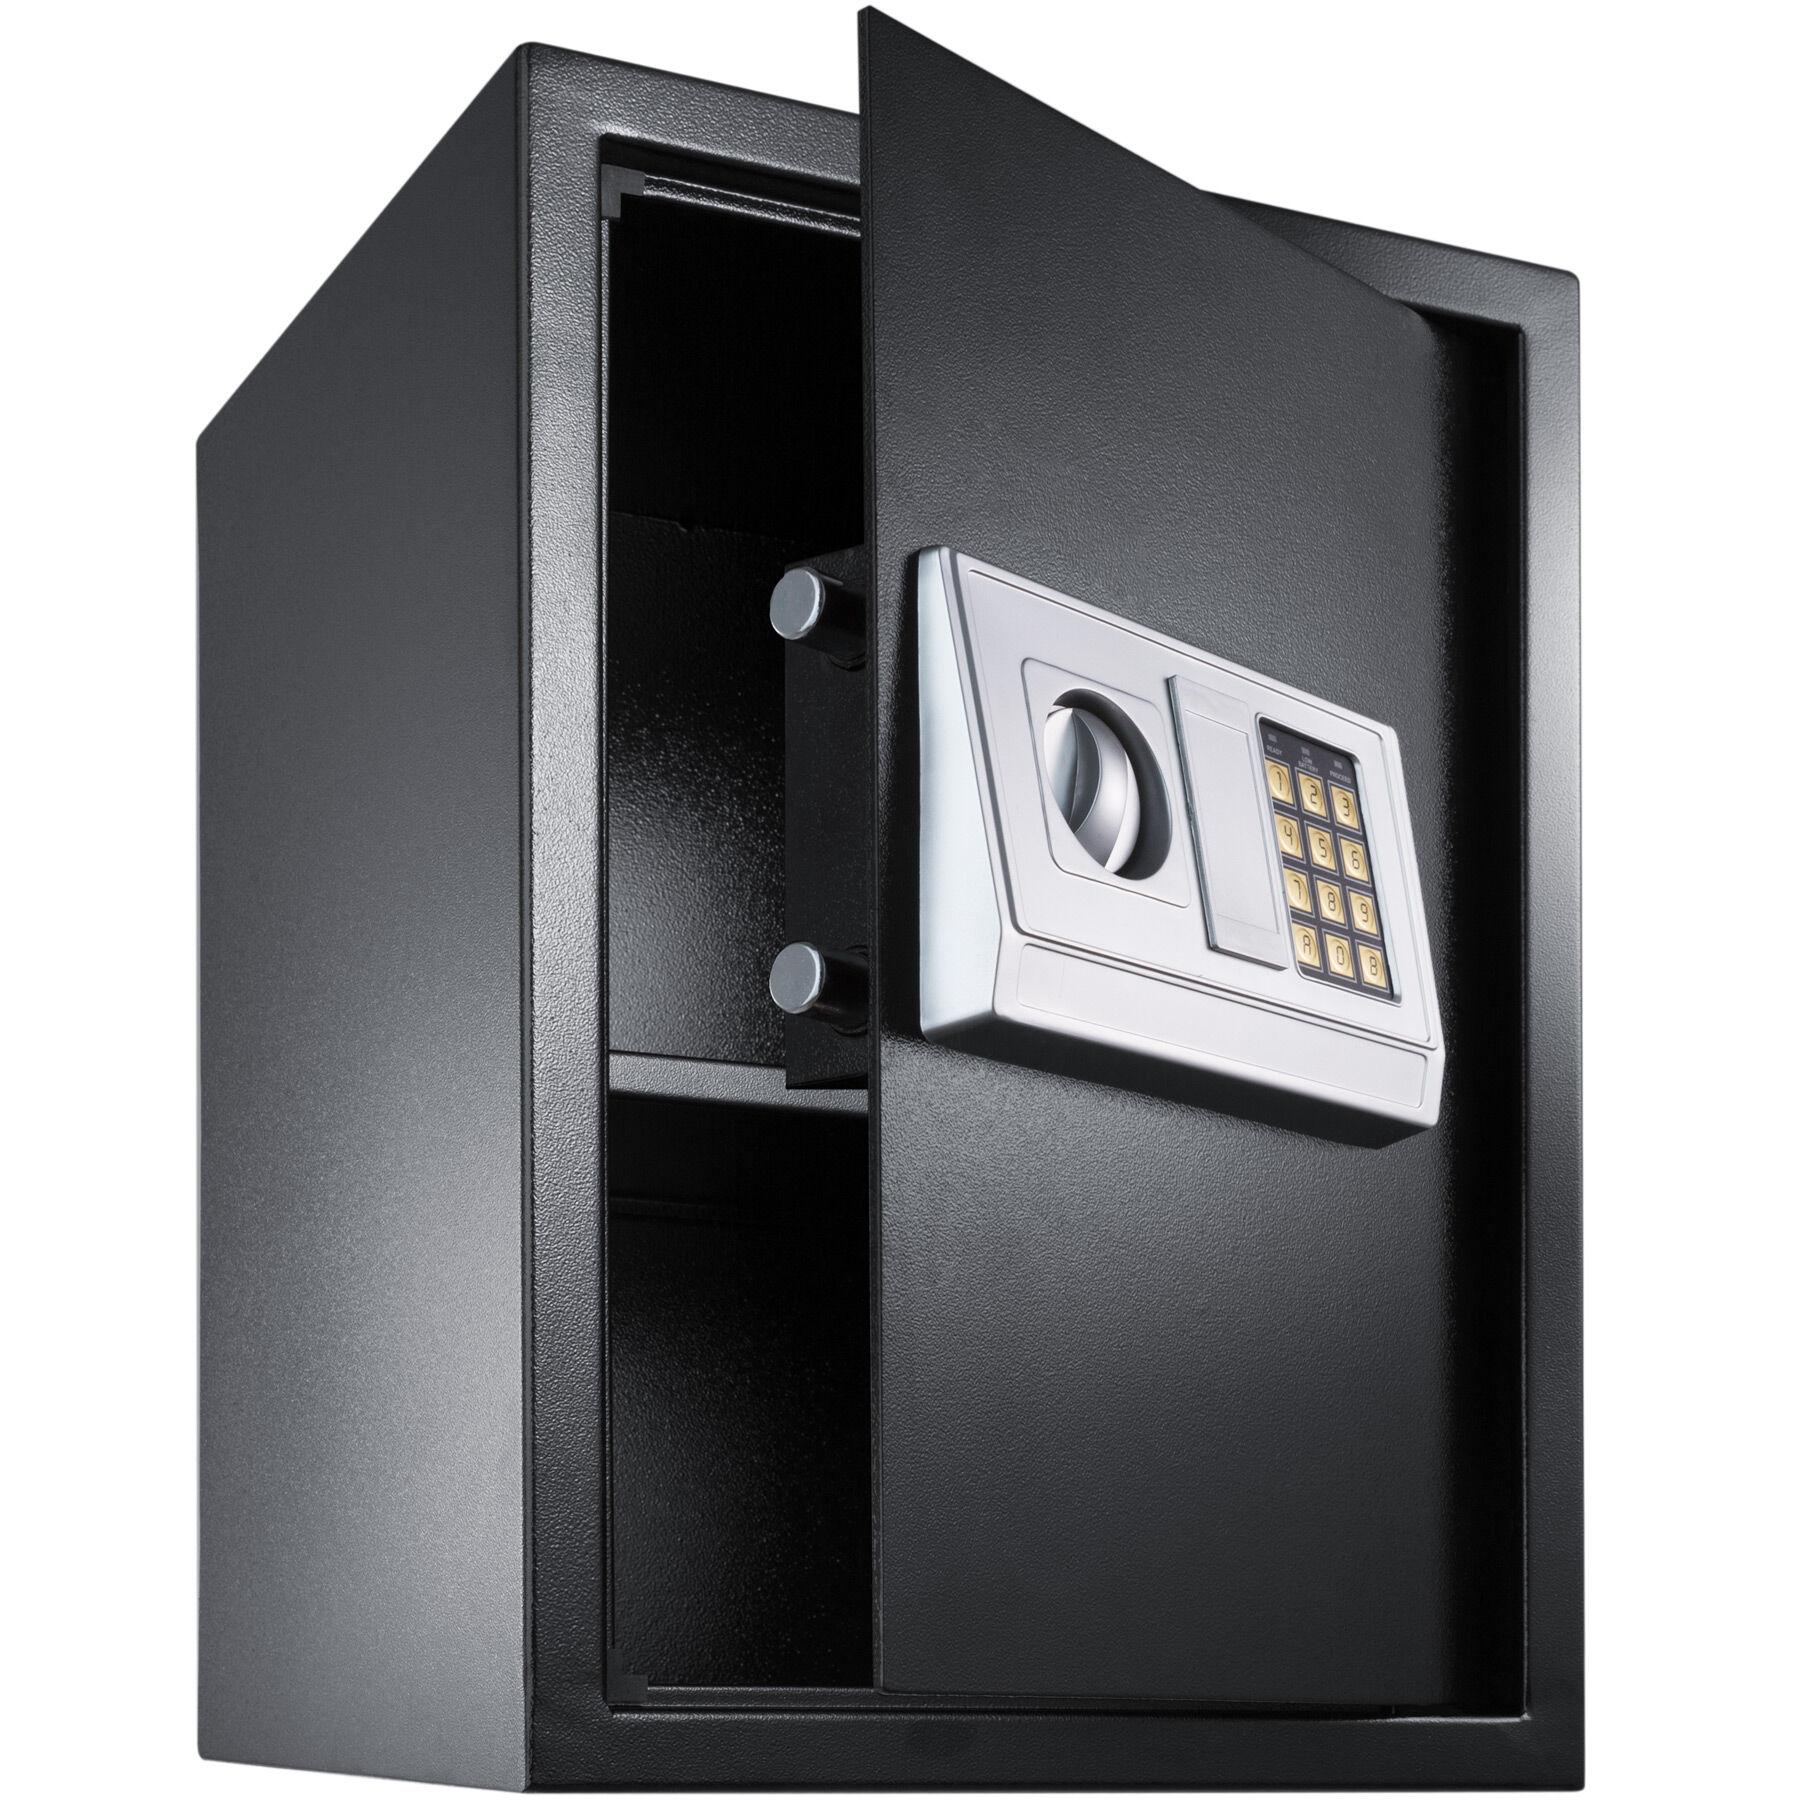 tectake cassaforte elettronica + chiavi, modello 4, grande - nero